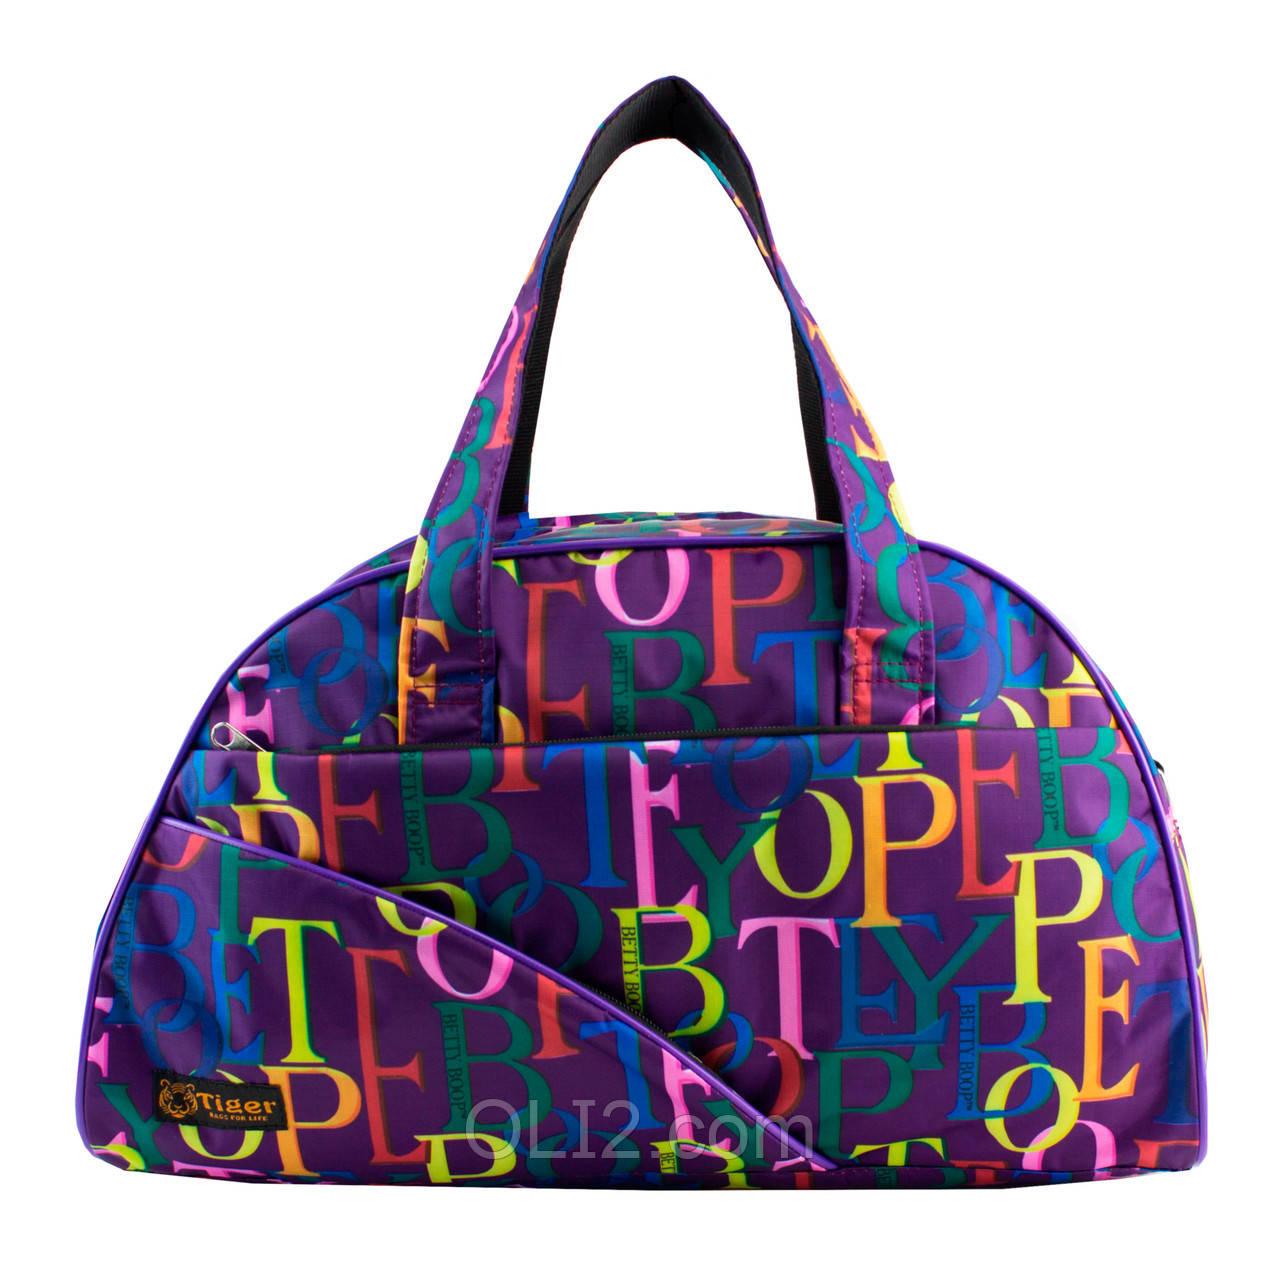 Сумки фитнес Tiger спортивная сумка  буквы разноцветные 2